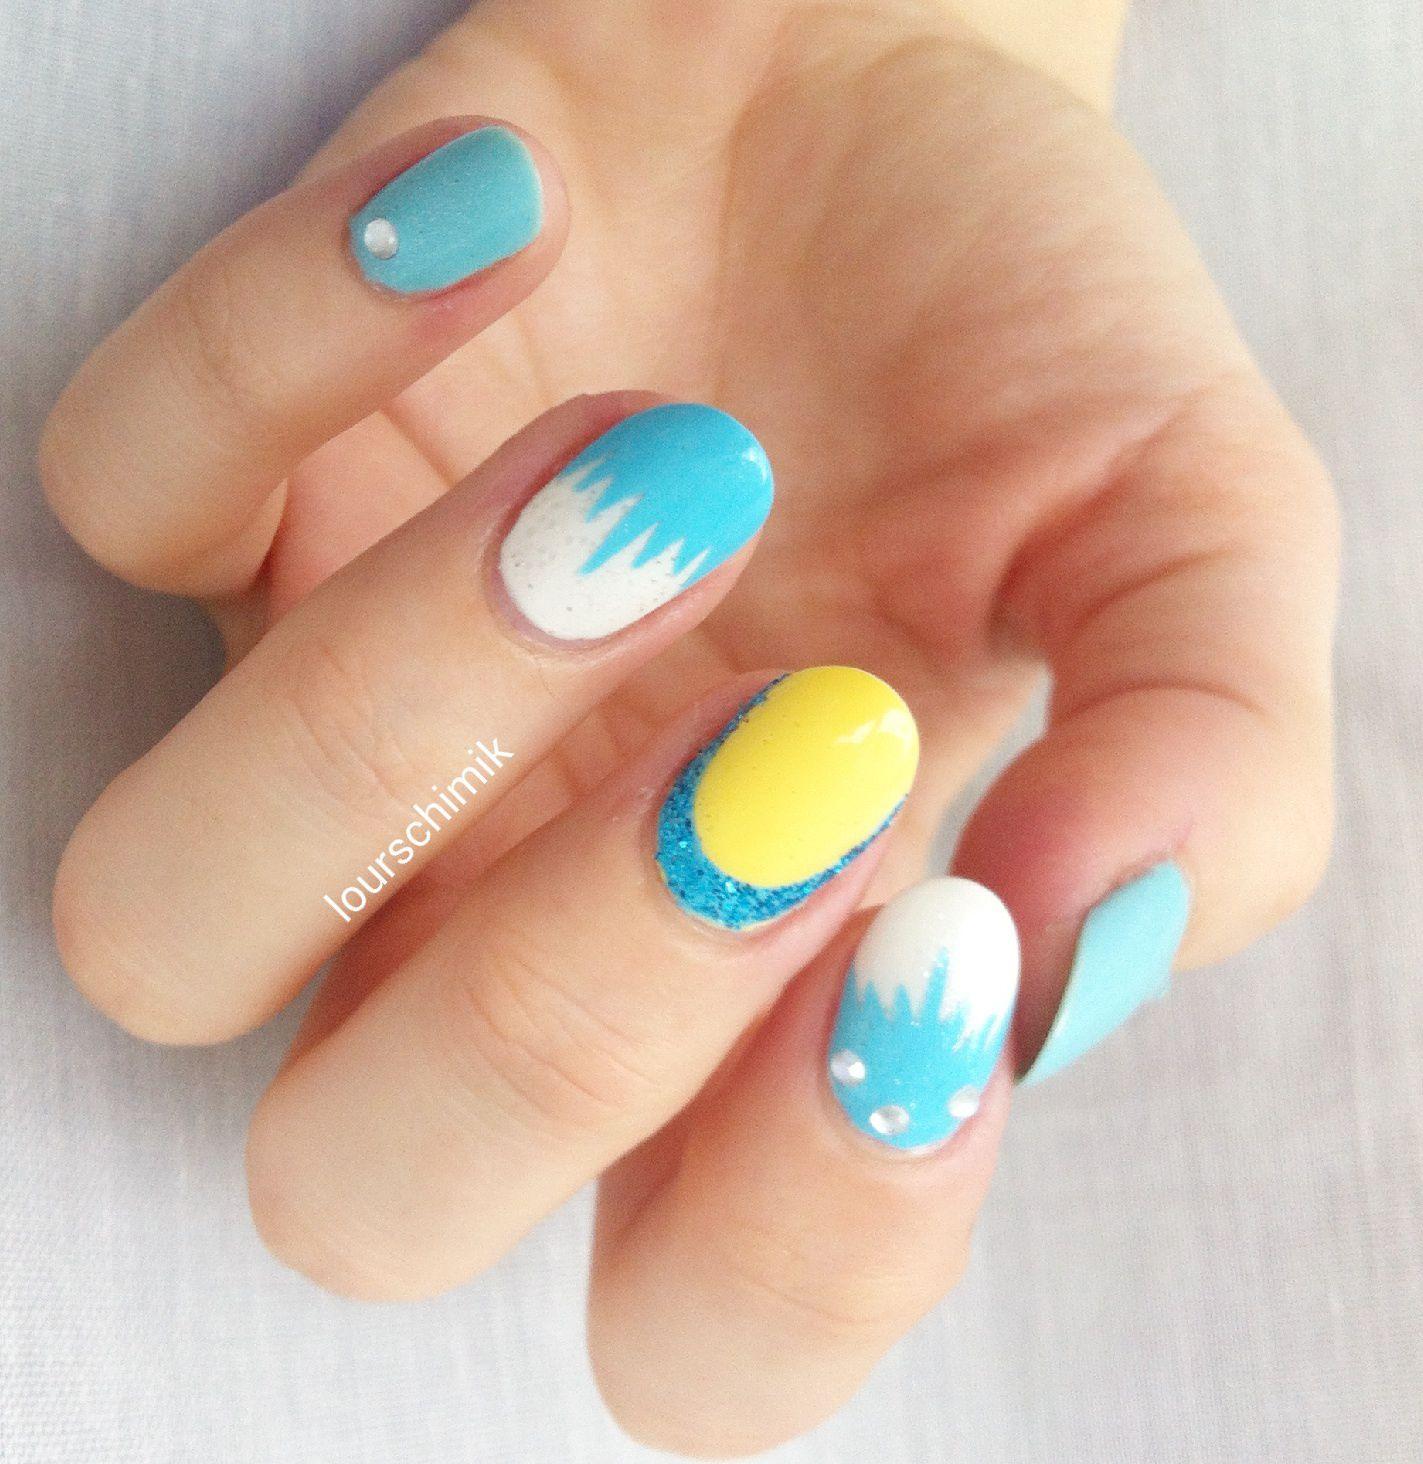 Disney nails - Elsa